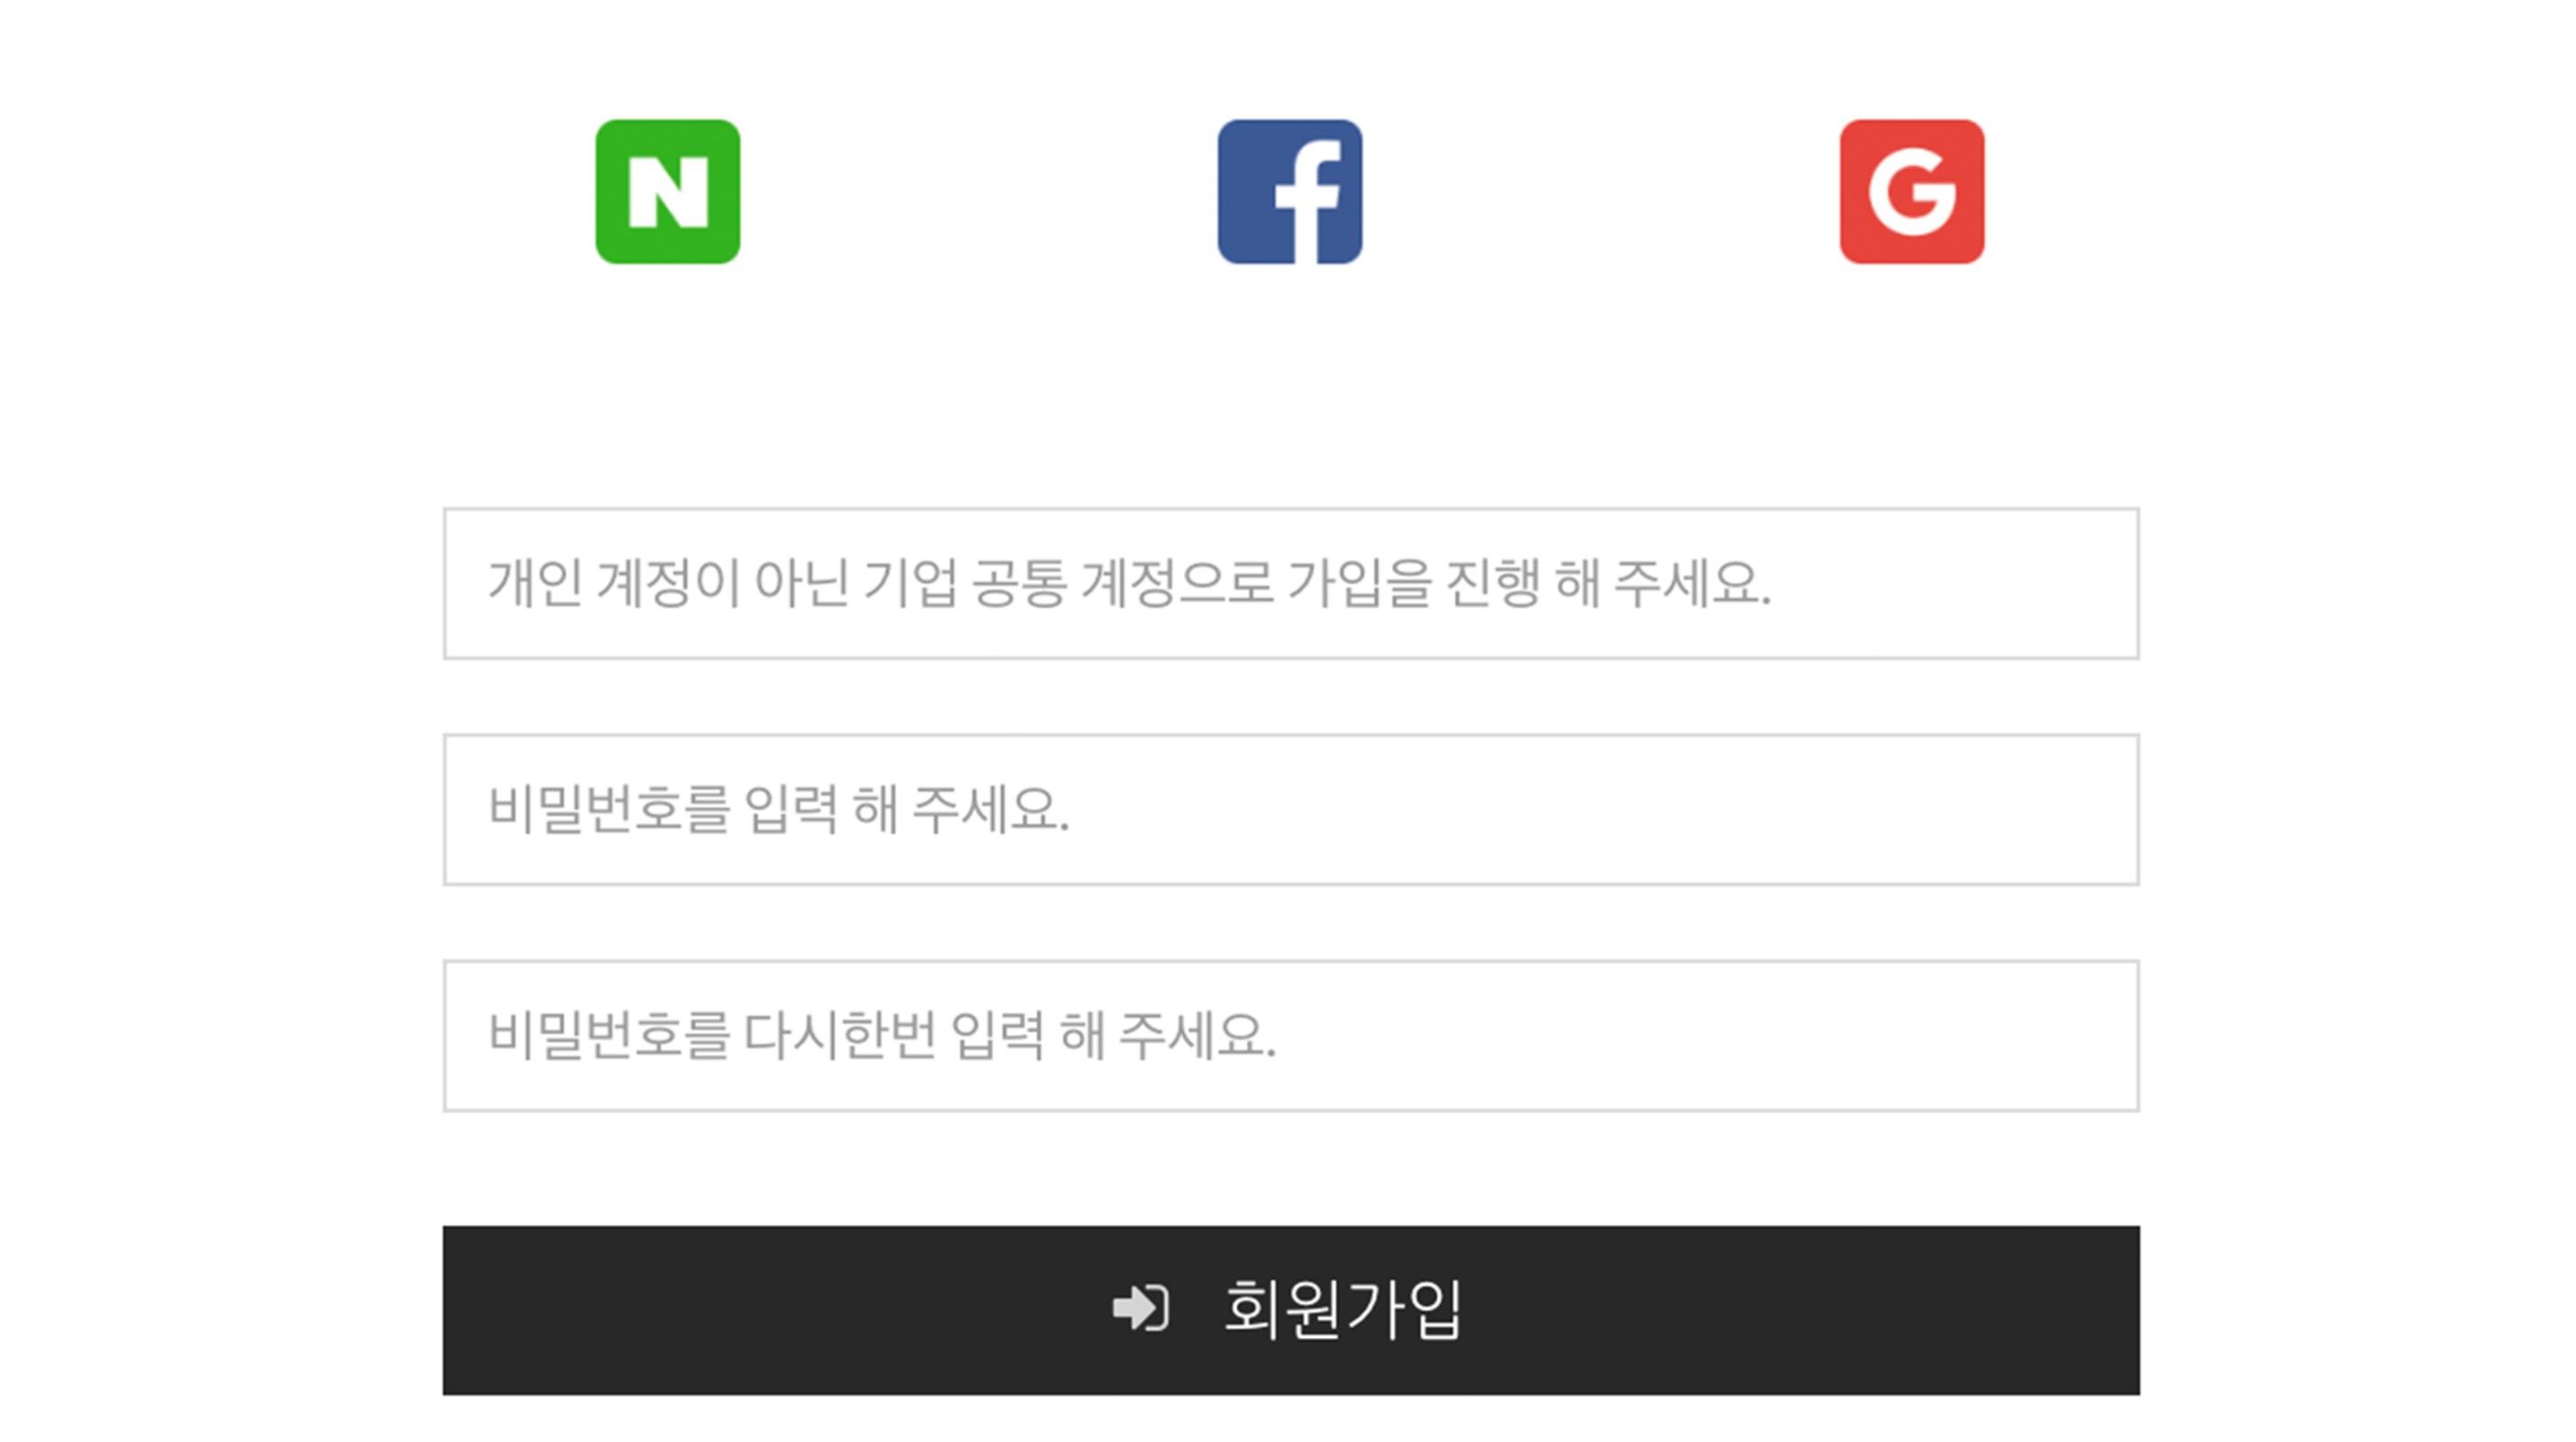 멤버스 플러그인 회원가입 B 페이지